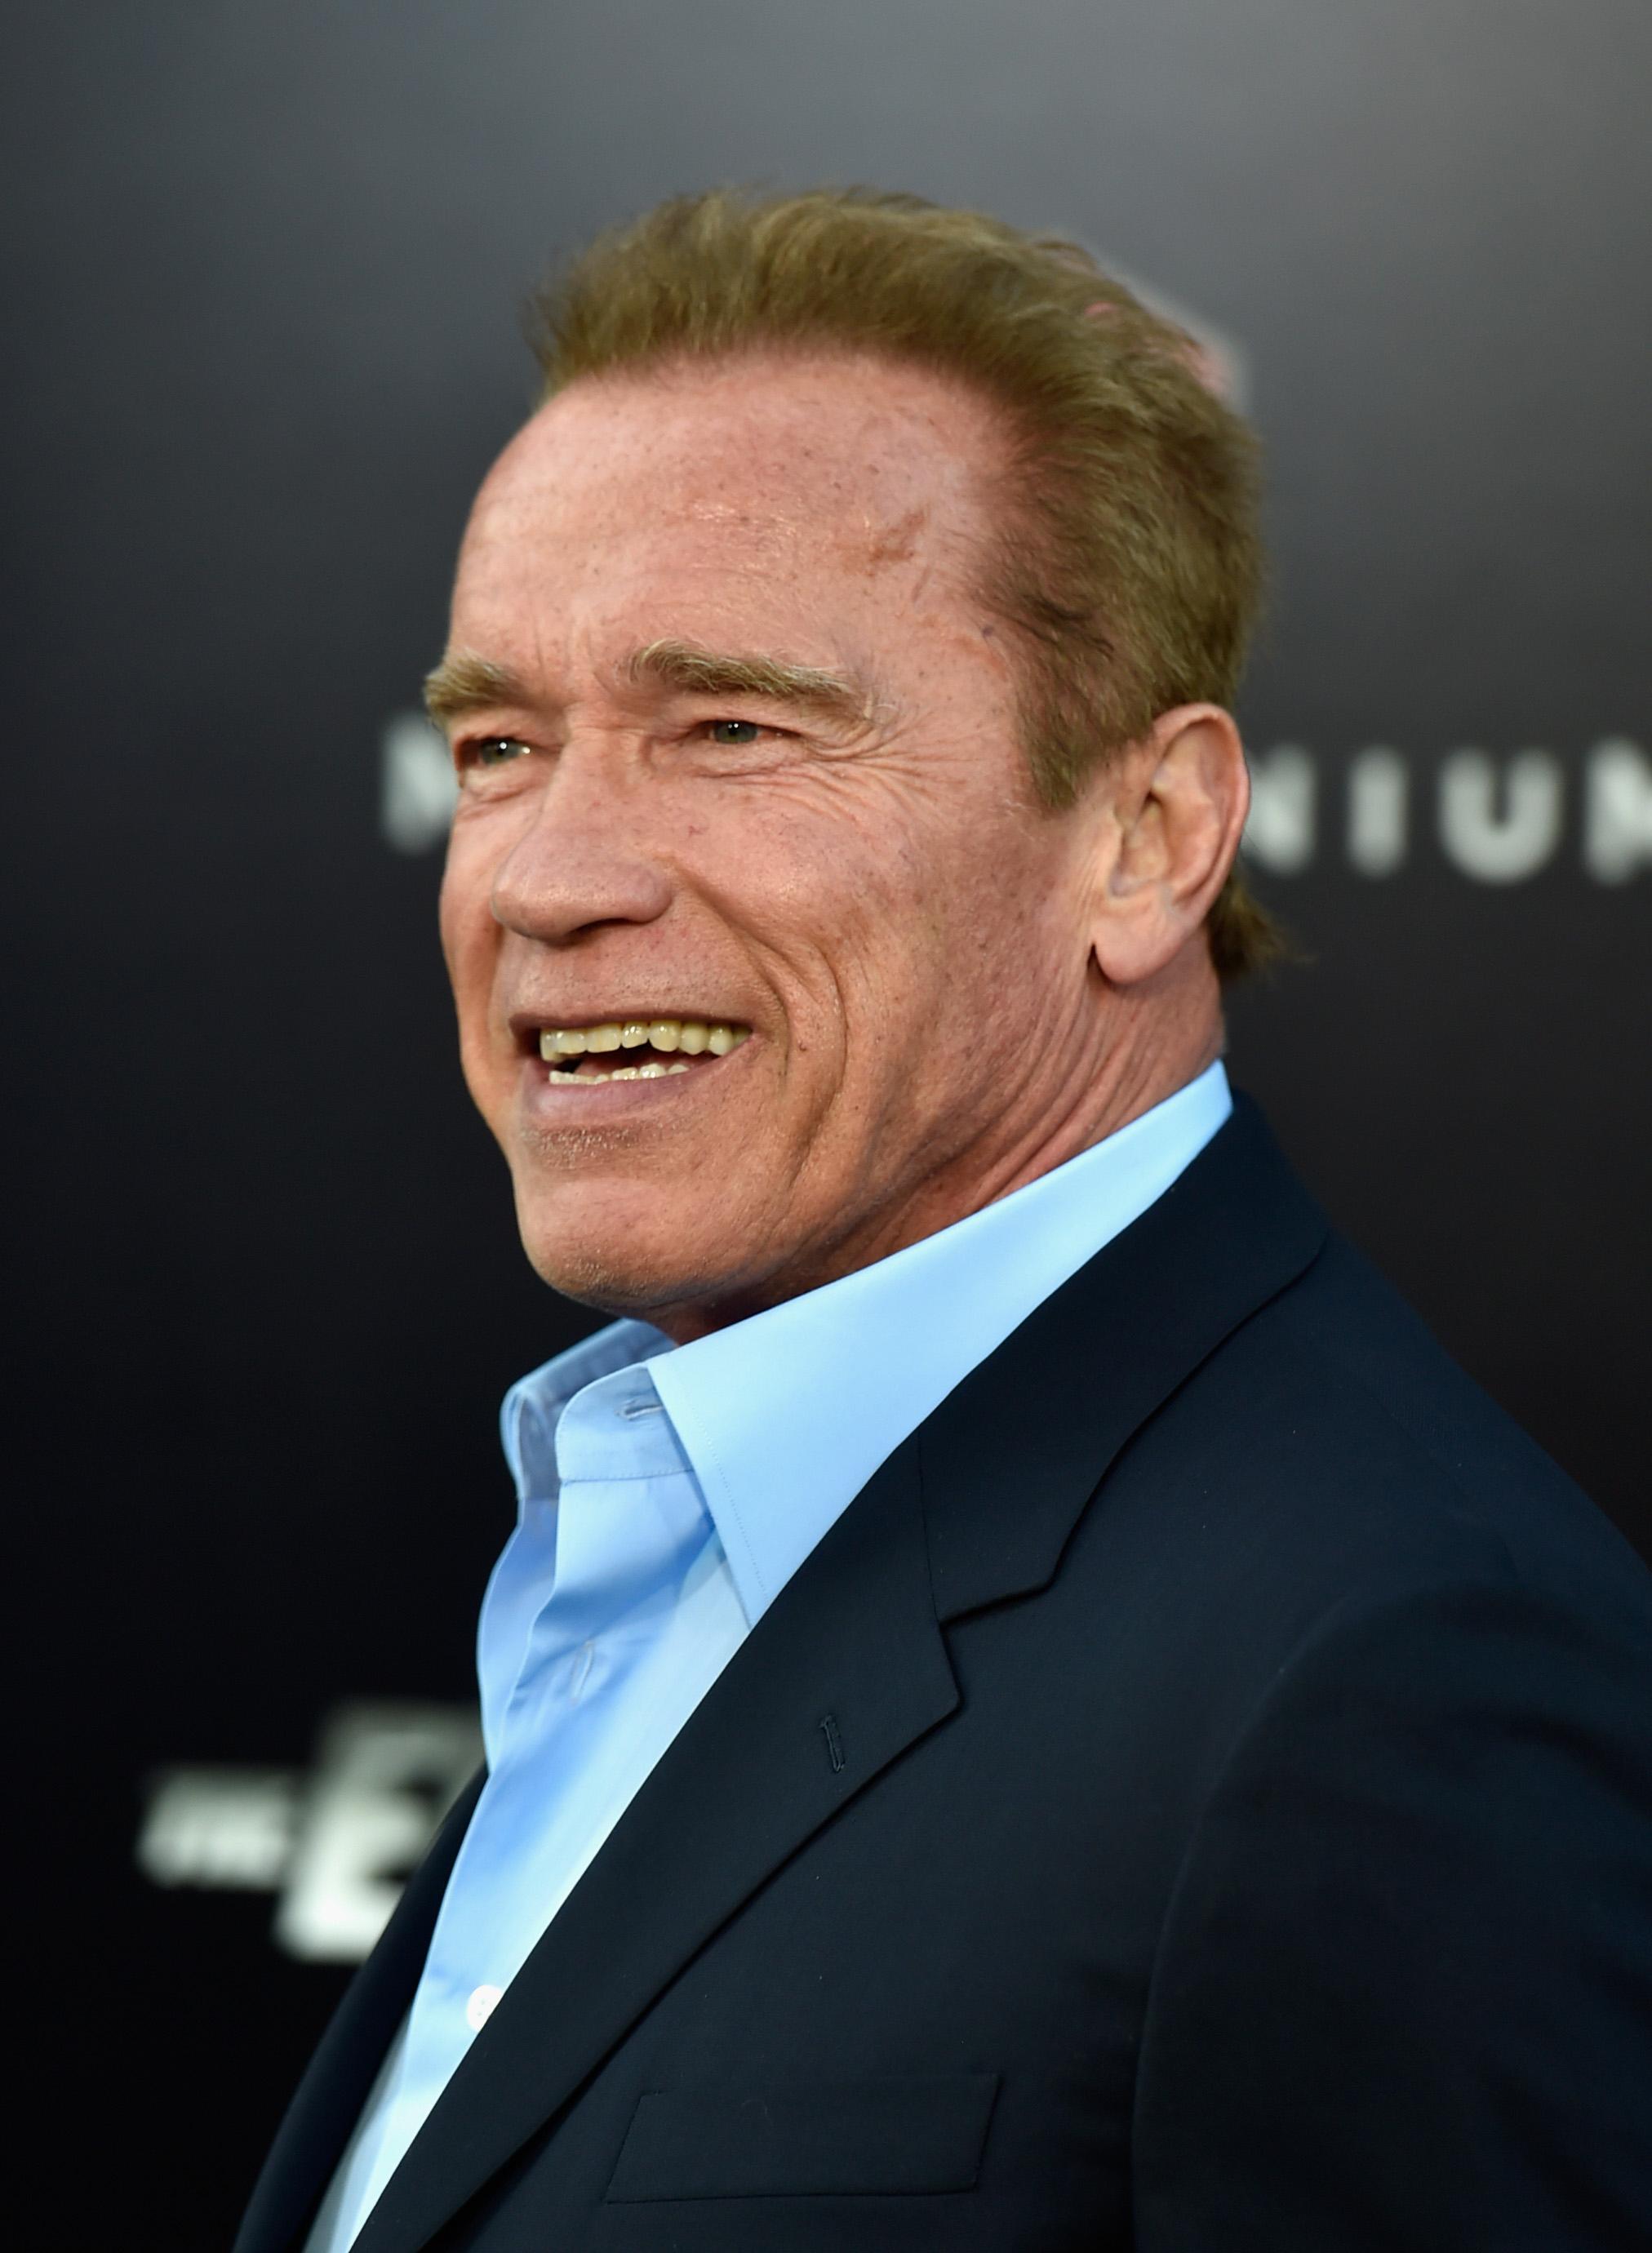 Schwarzenegger quits'Apprentice,' blames Trump | WTSP.com